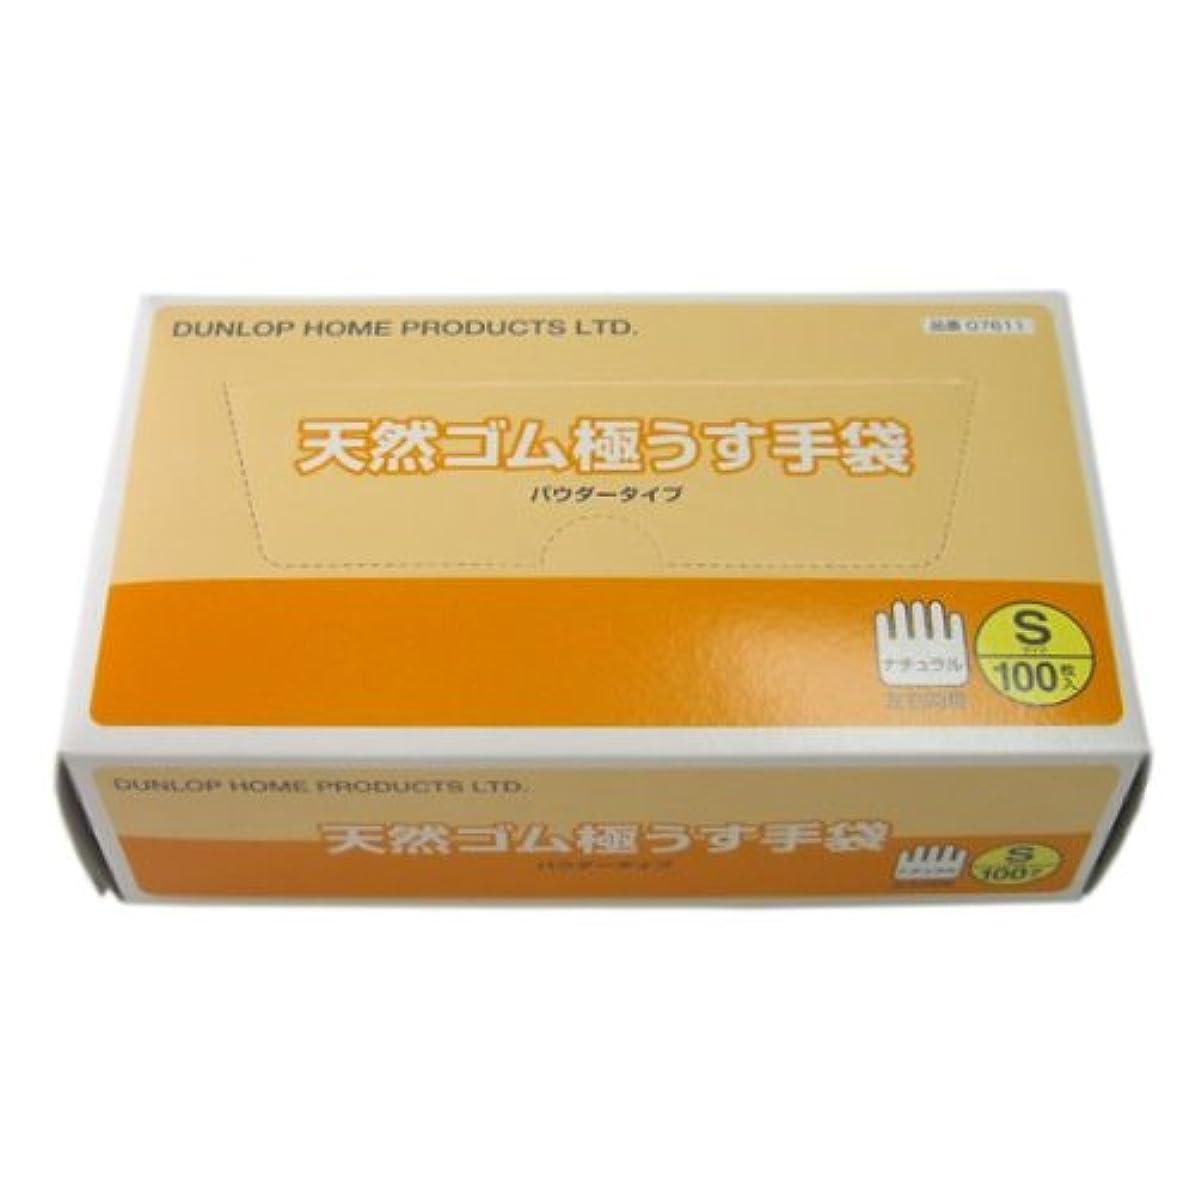 ベルト早熟揃えるダンロップ 天然ゴムラテックス極うす手袋 Sサイズ 100枚入×20箱